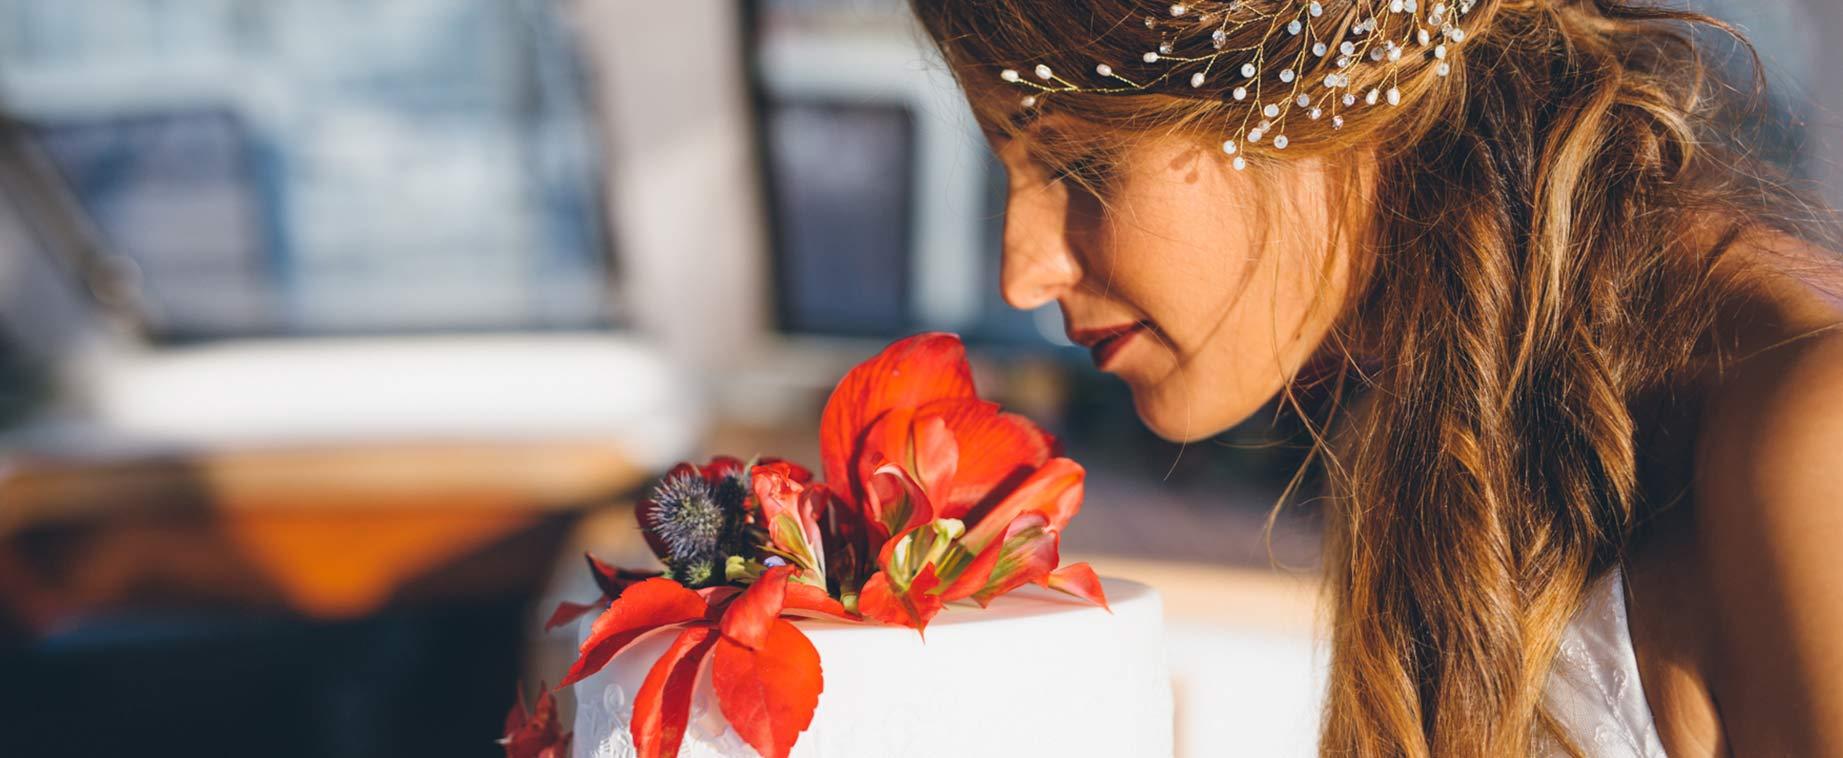 Wedding-portofino-organizzazione-matrimonio